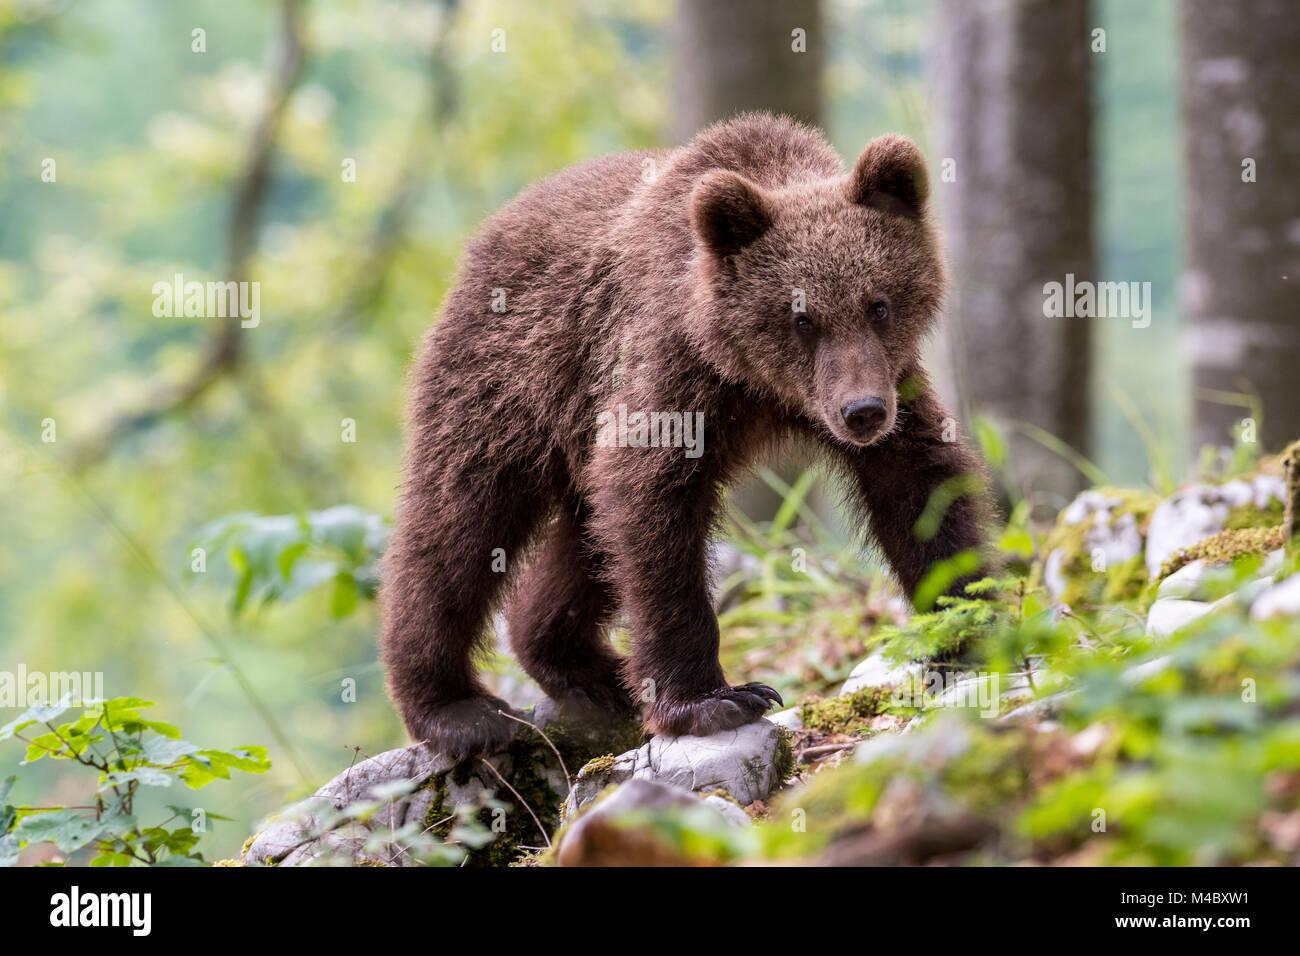 Unione l'orso bruno (Ursus arctos arctos),animale giovane nella foresta,regione Notranjska,Slovenia Immagini Stock